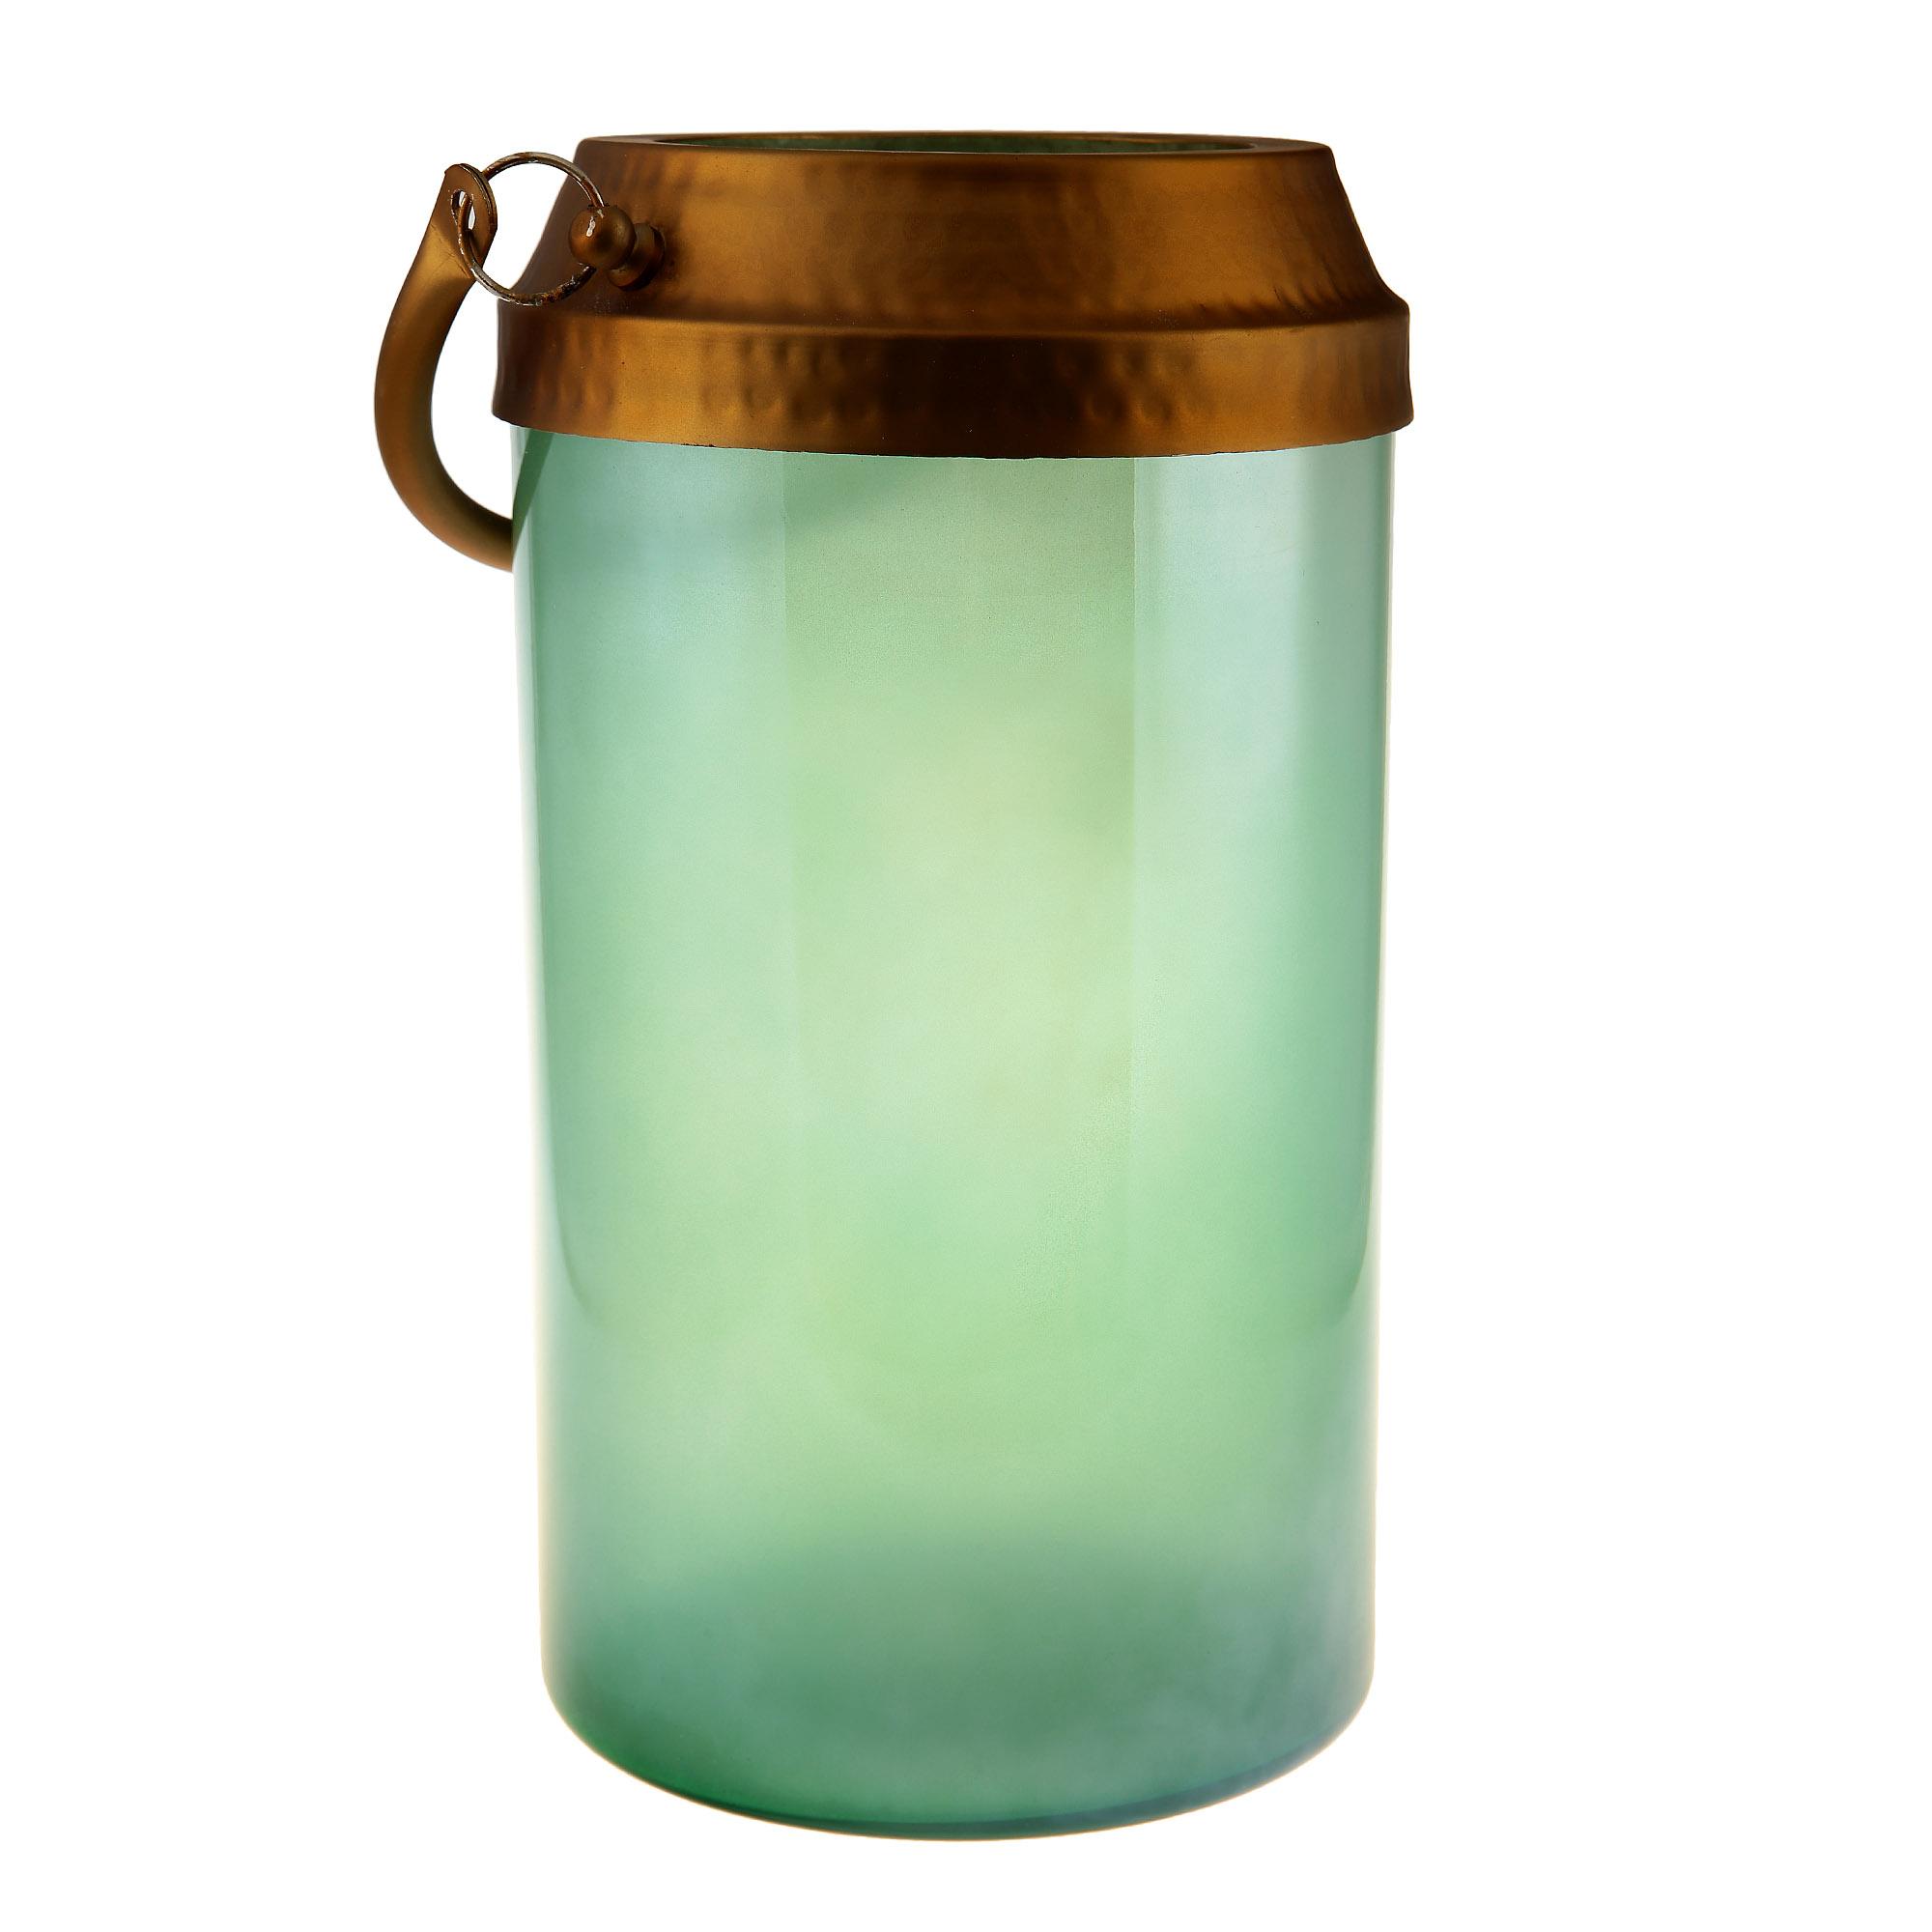 Фонарь д15см 29см светло-зеленый Edelman фото